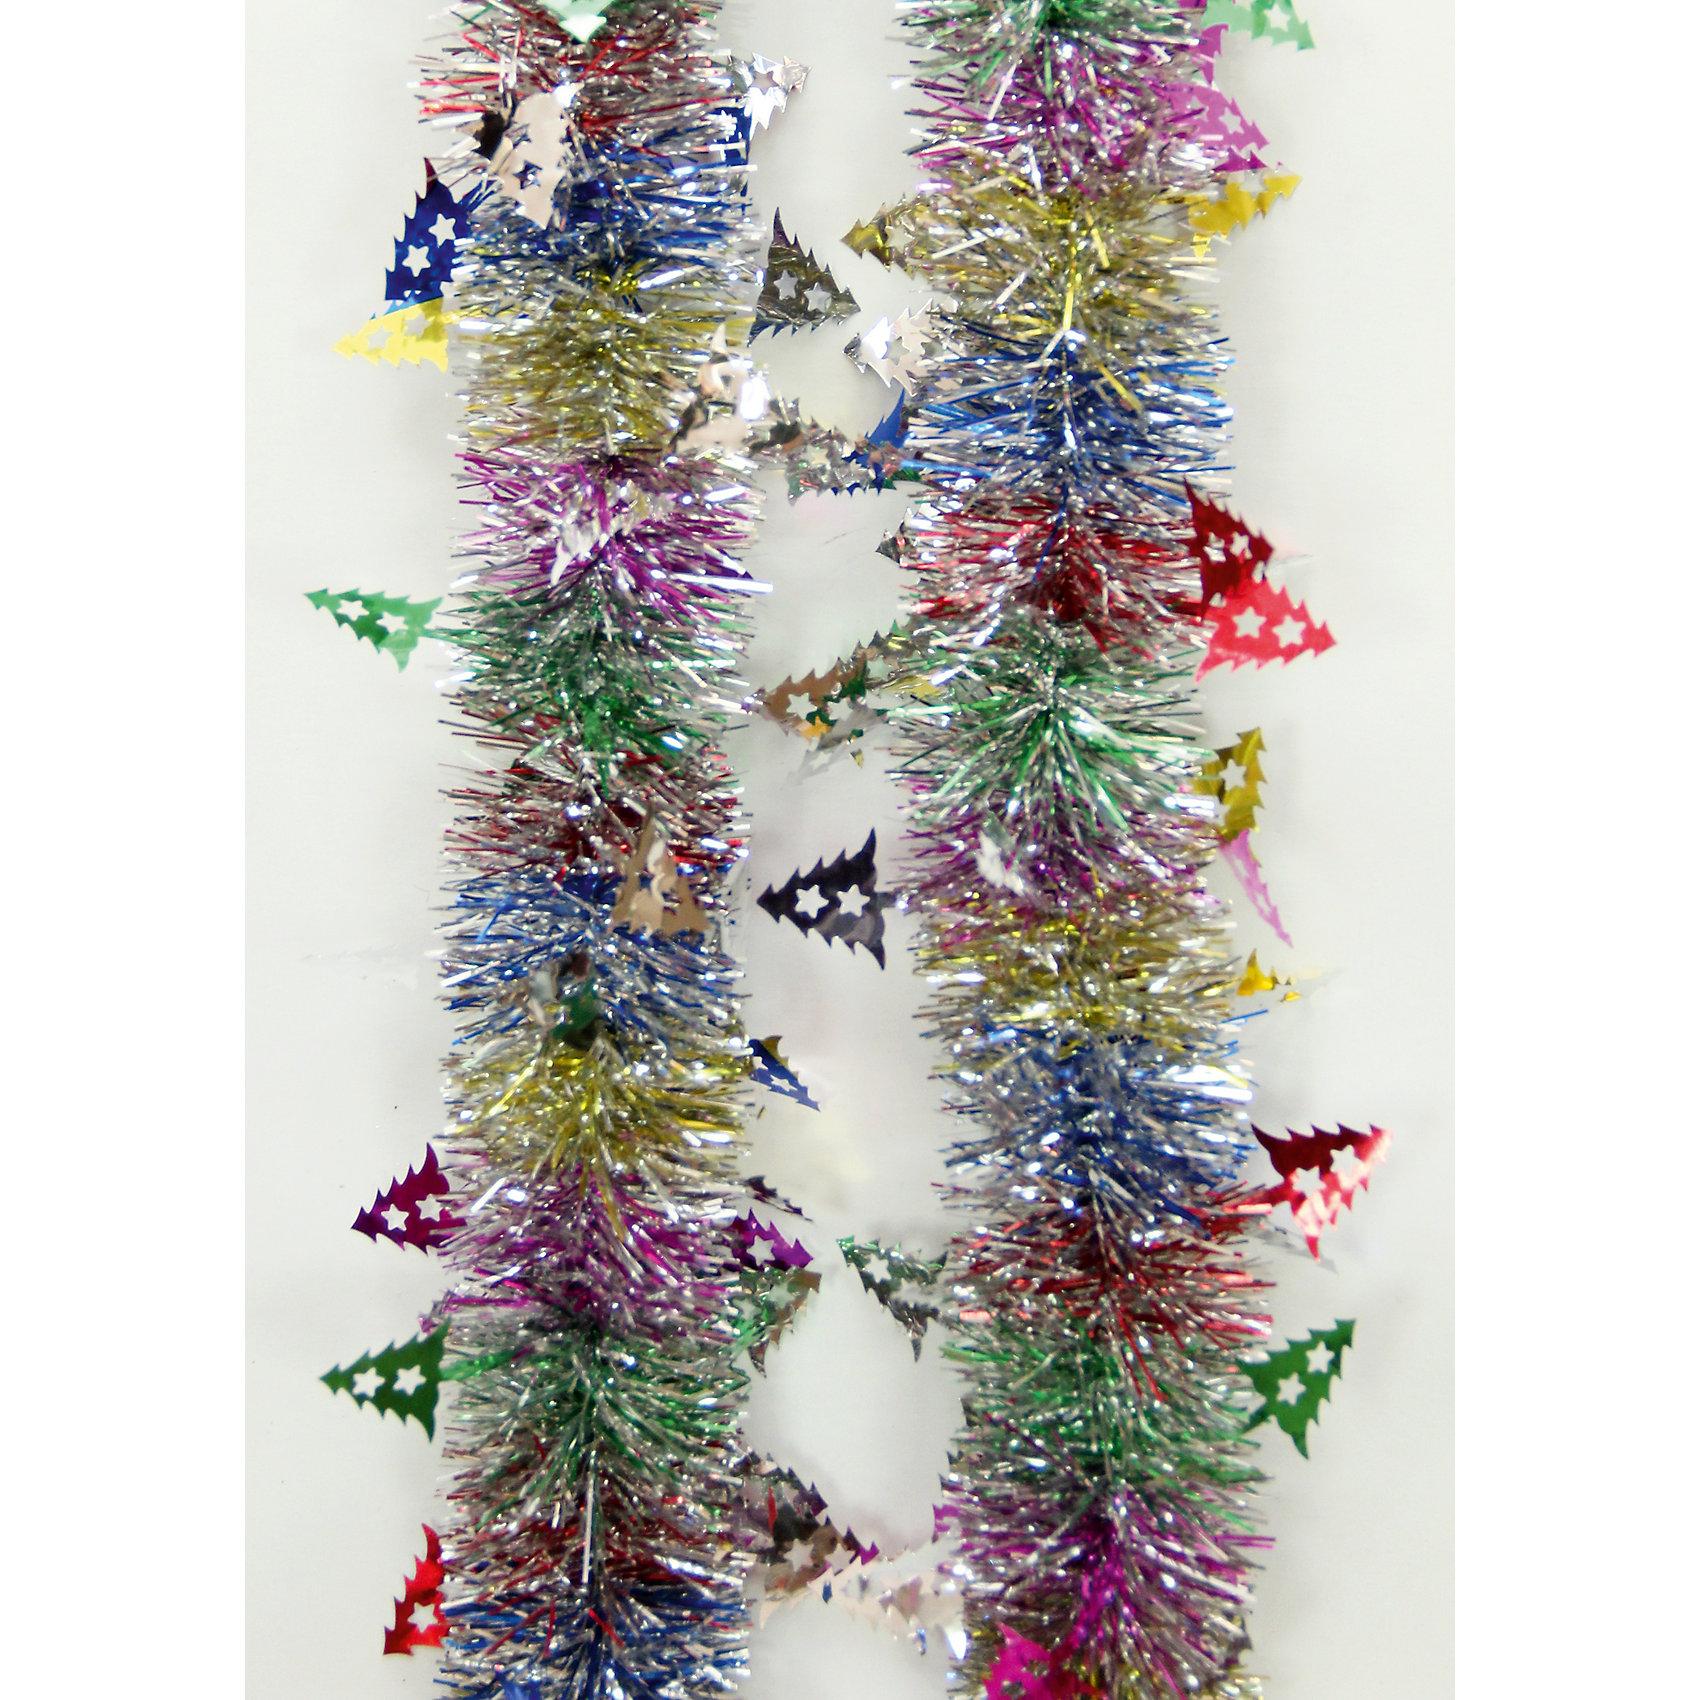 Мишура с елочками 6*200 смНовинки Новый Год<br>Мишура, Феникс-Презент, станет замечательным украшением Вашей новогодней елки или интерьера и поможет создать праздничную волшебную атмосферу. Мишура выполнена в оригинальном привлекательном дизайне с серебристыми и разноцветными иголками, внутри<br>проволока, позволяющая ей хорошо сохранять форму. Она будет чудесно смотреться на елке и радовать детей и взрослых. <br><br><br>Дополнительная информация:<br><br>- Материал: ПЭТ (полиэтилентерефталат).<br>- Размер мишуры: 6 см. х 2 м.<br>- Вес: 36 гр. <br><br>Мишуру 6*200 см., Феникс-Презент, можно купить в нашем интернет-магазине.<br><br>Ширина мм: 80<br>Глубина мм: 200<br>Высота мм: 60<br>Вес г: 36<br>Возраст от месяцев: 36<br>Возраст до месяцев: 2147483647<br>Пол: Унисекс<br>Возраст: Детский<br>SKU: 4274744